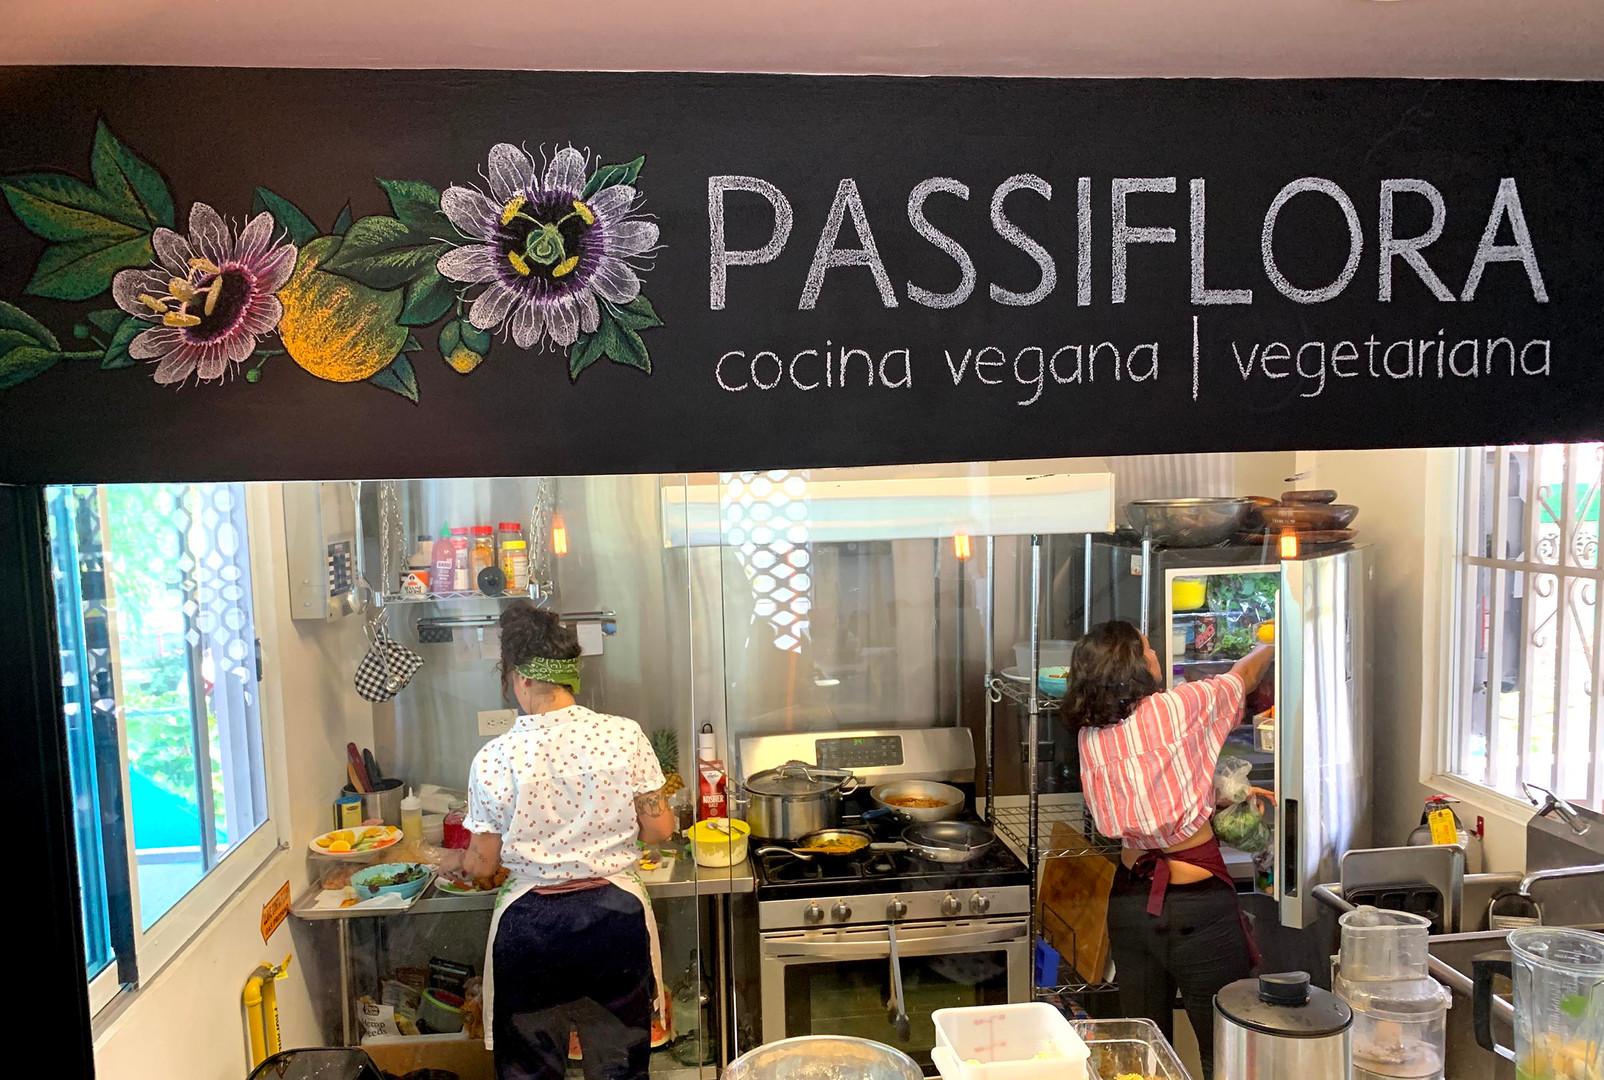 Passiflora Vegan Cuisine